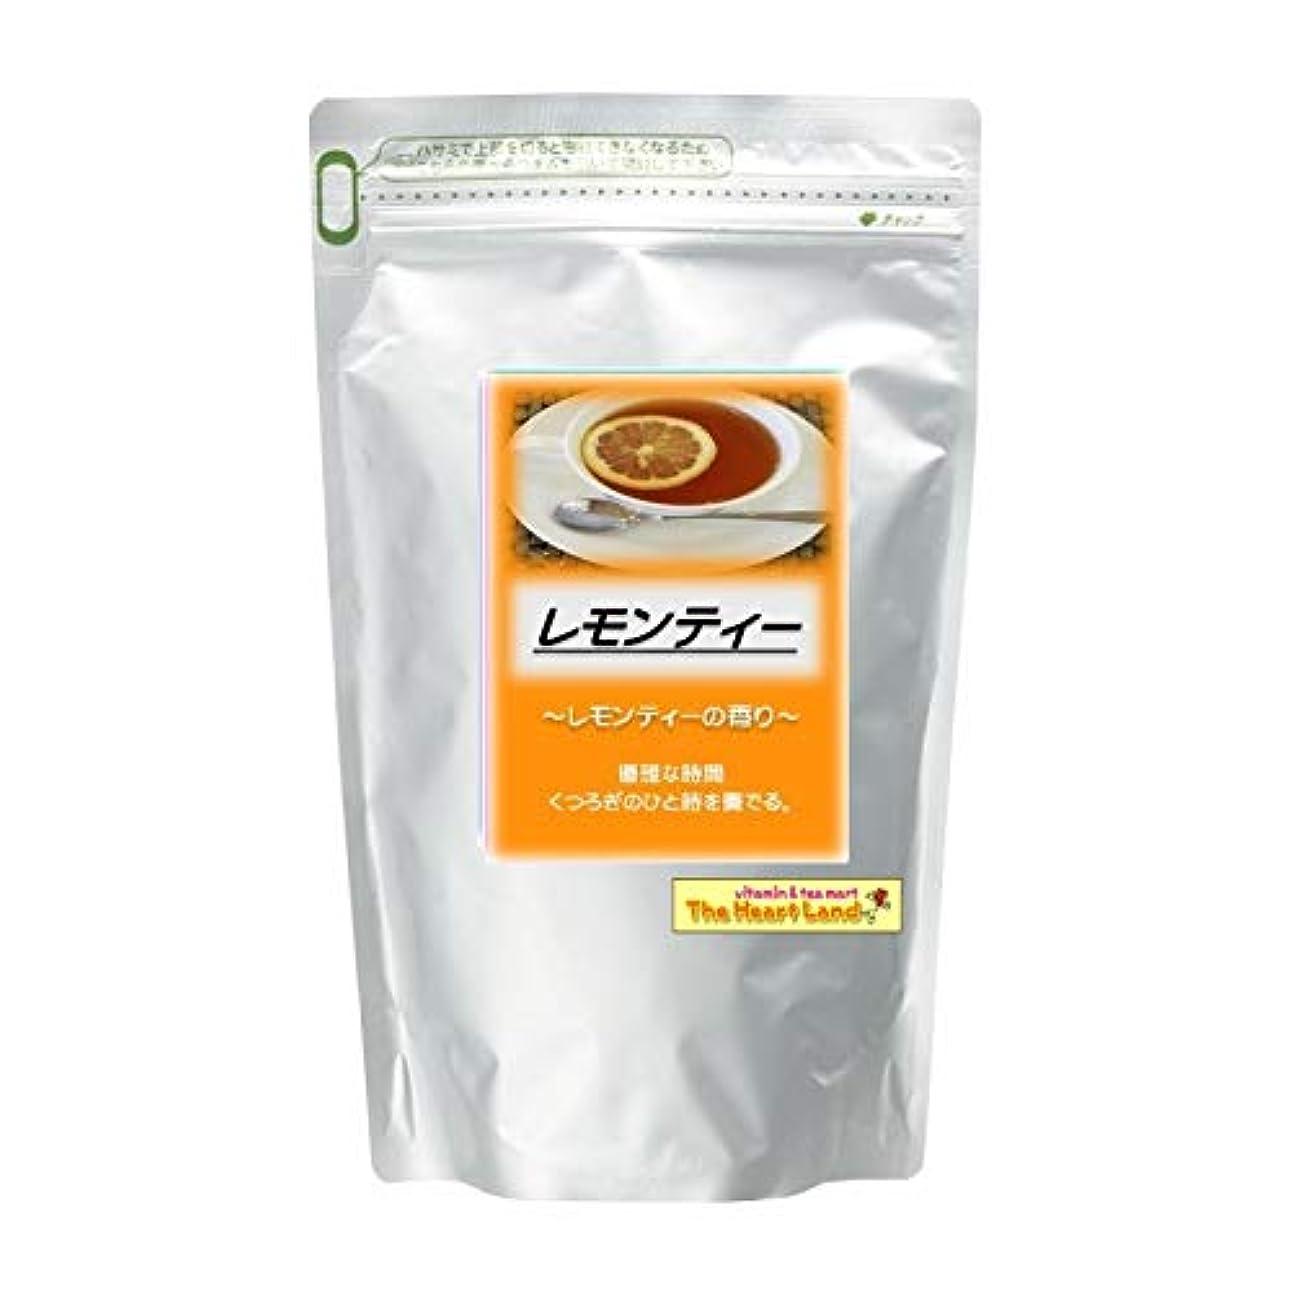 偽装する委員会送金アサヒ入浴剤 浴用入浴化粧品 レモンティー 2.5kg